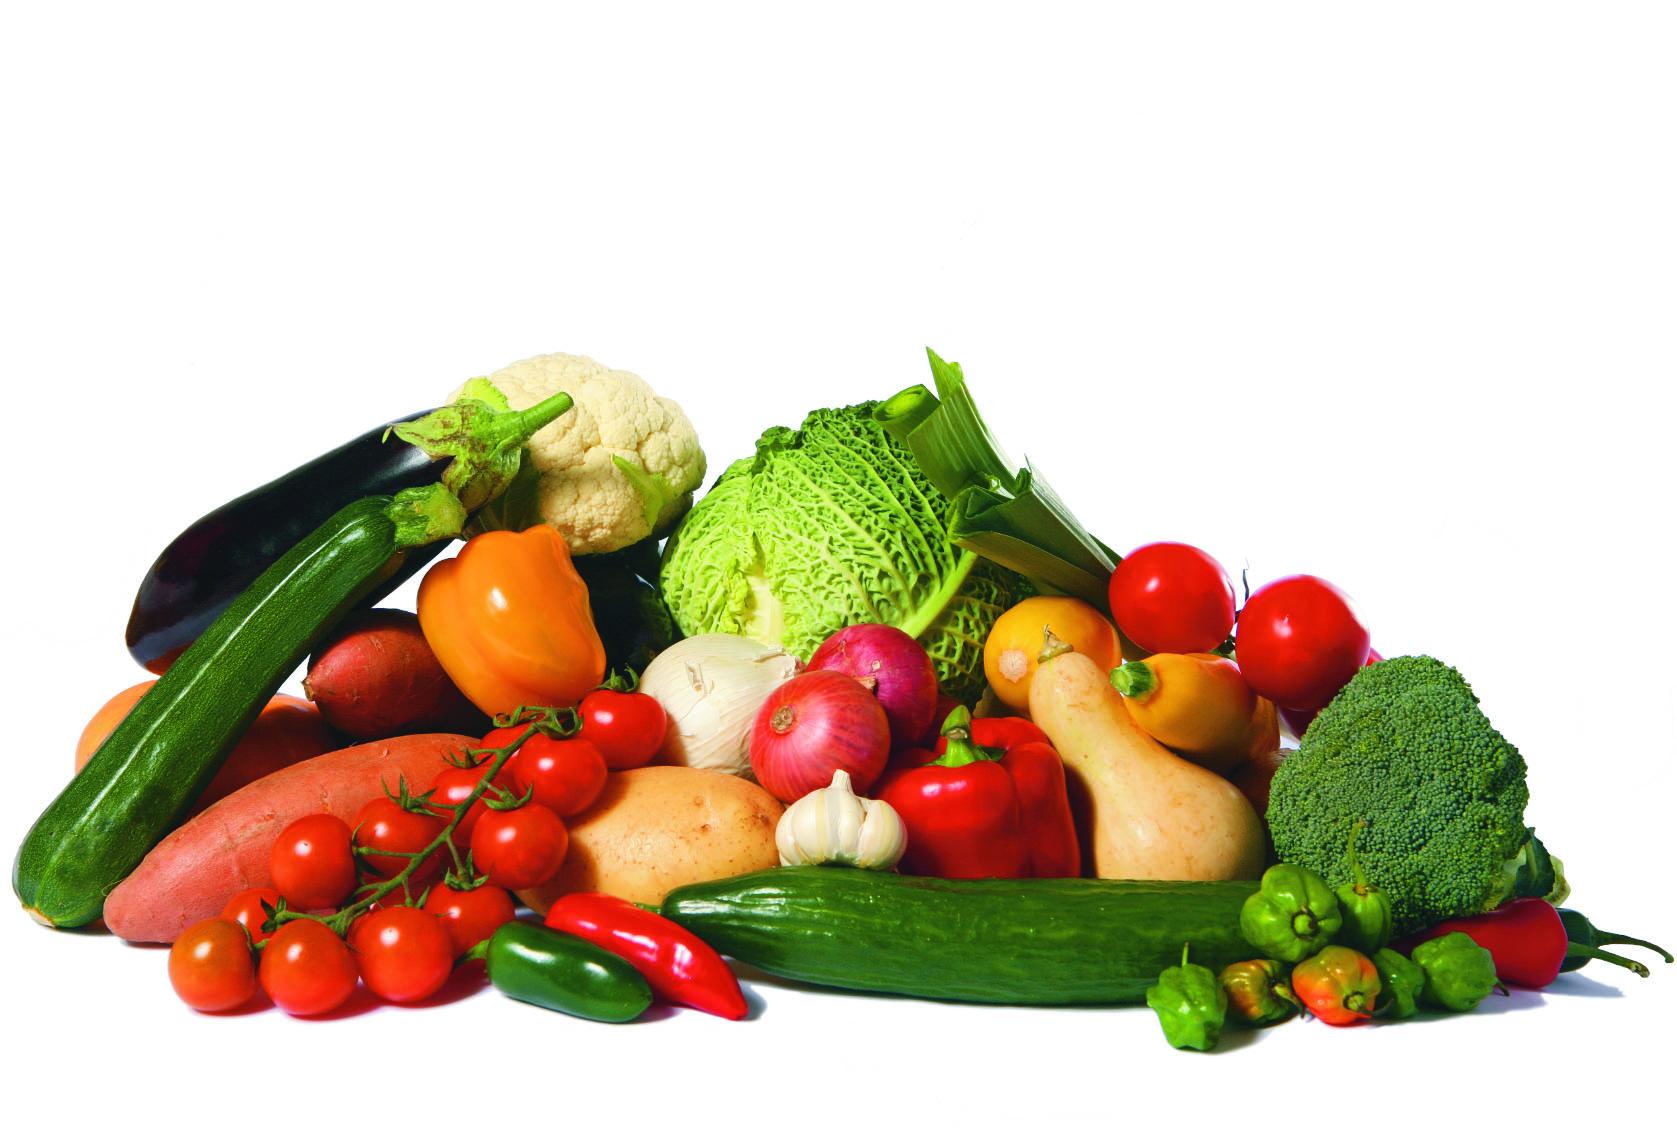 ثمانية اطعمة من اجل تقوية مناعة الجسم